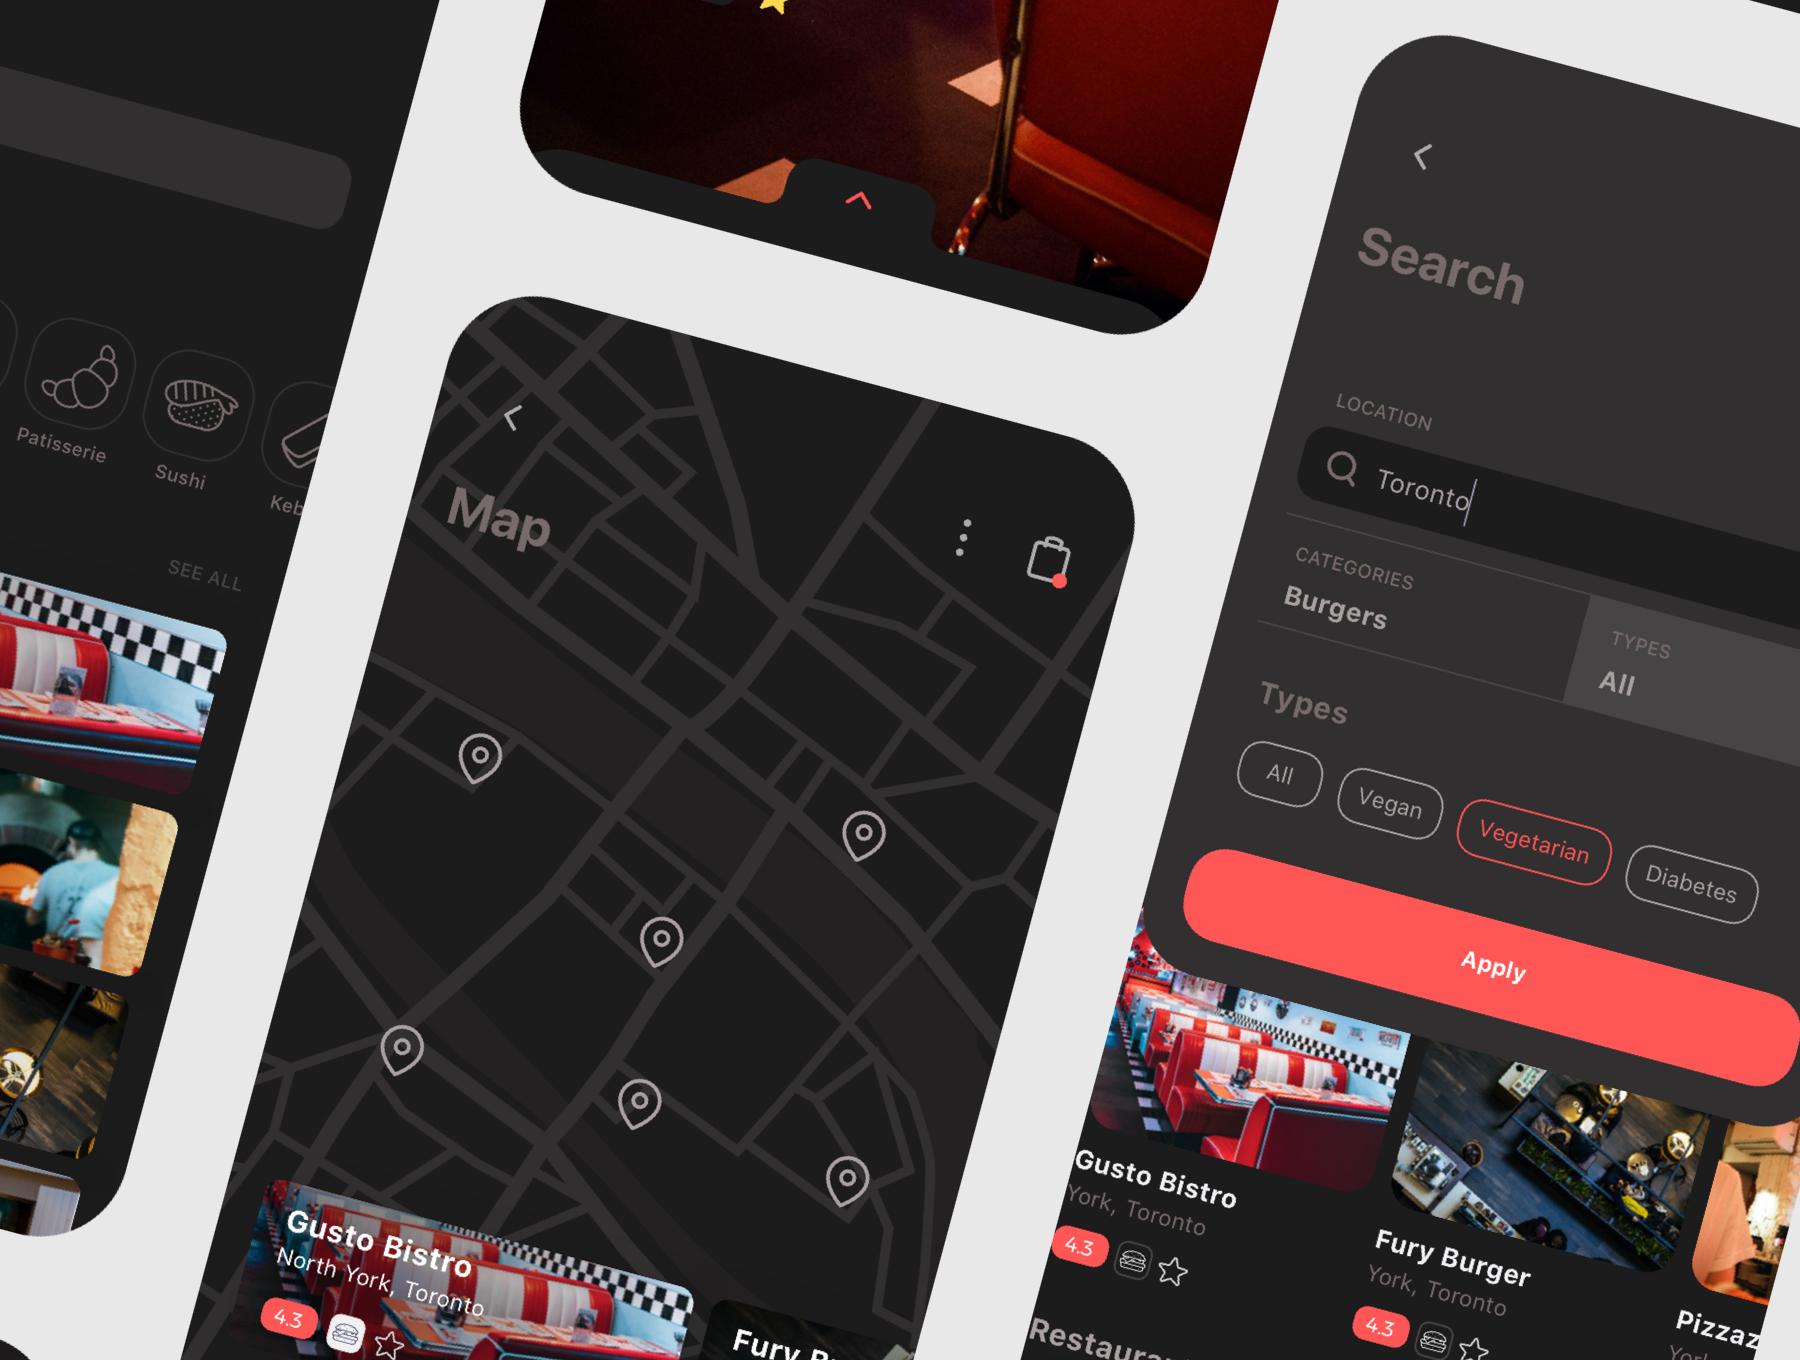 食品外卖配送服务移动应用APP界面设计UI套件 Spes Dark Food Delivery App UI Kit插图(9)